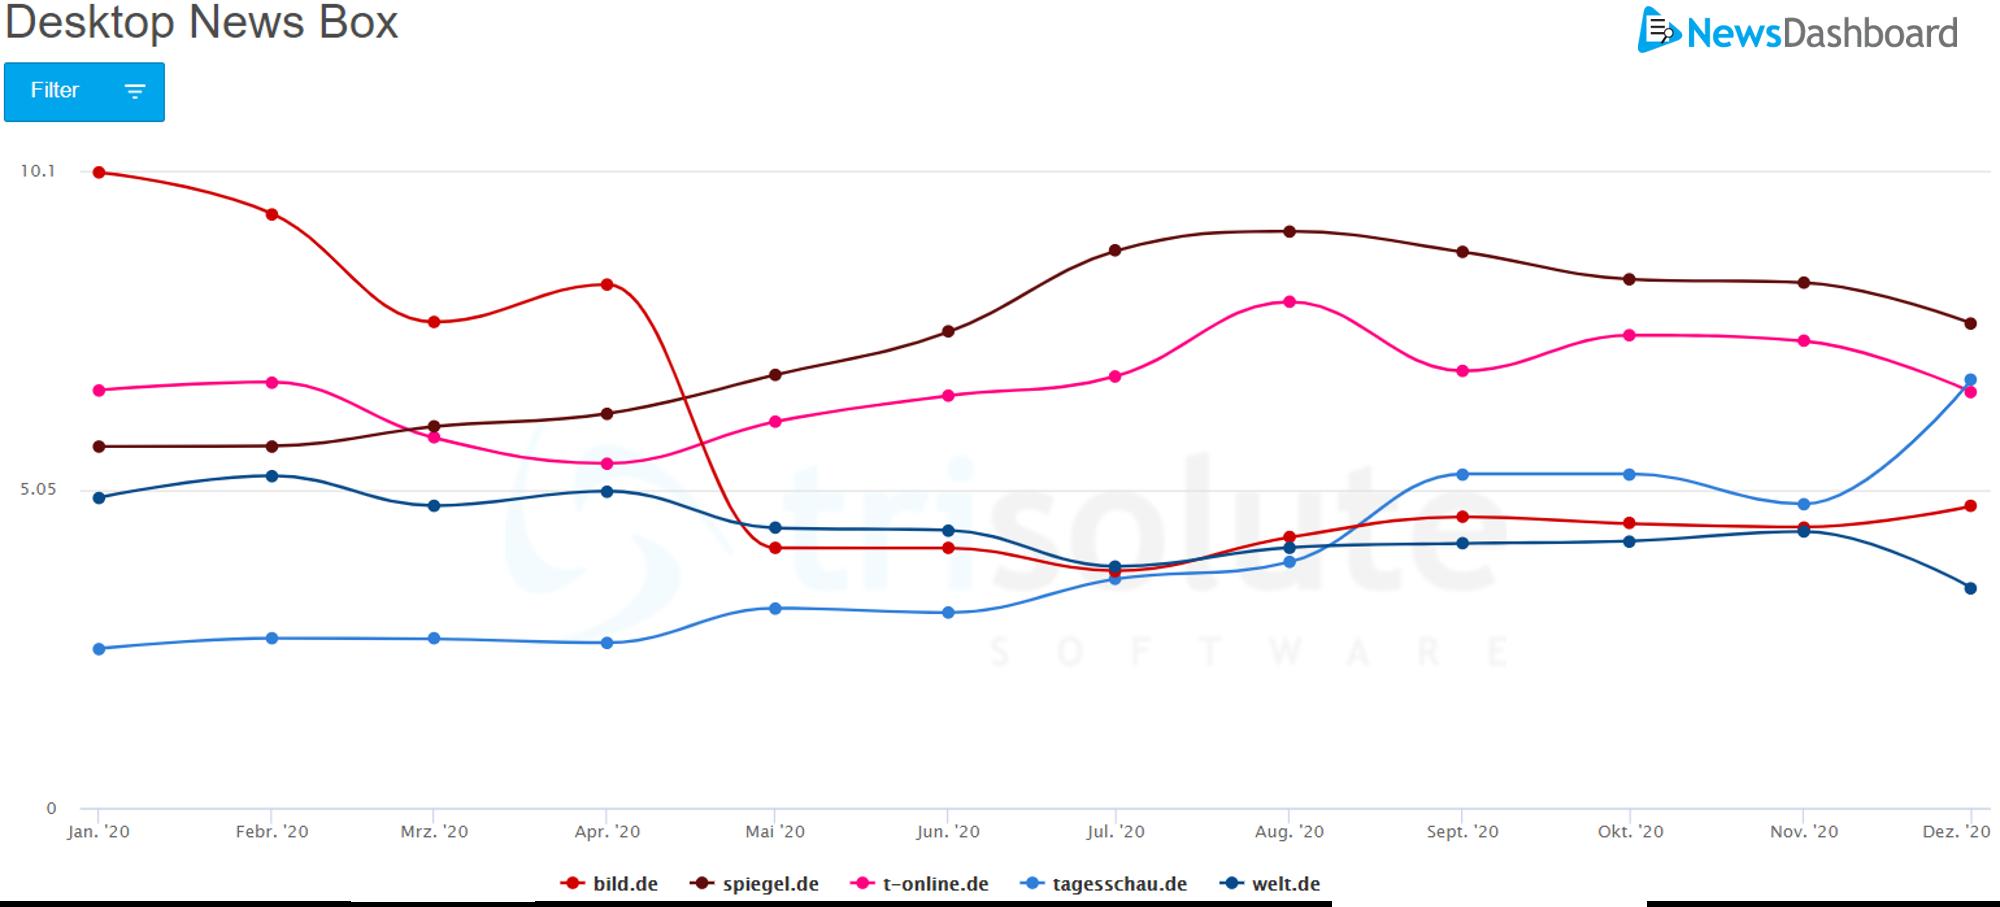 Über das Jahr hinweg hat spiegel.de ihre Sichtbarkeit in der Desktop News Box ausgebaut.